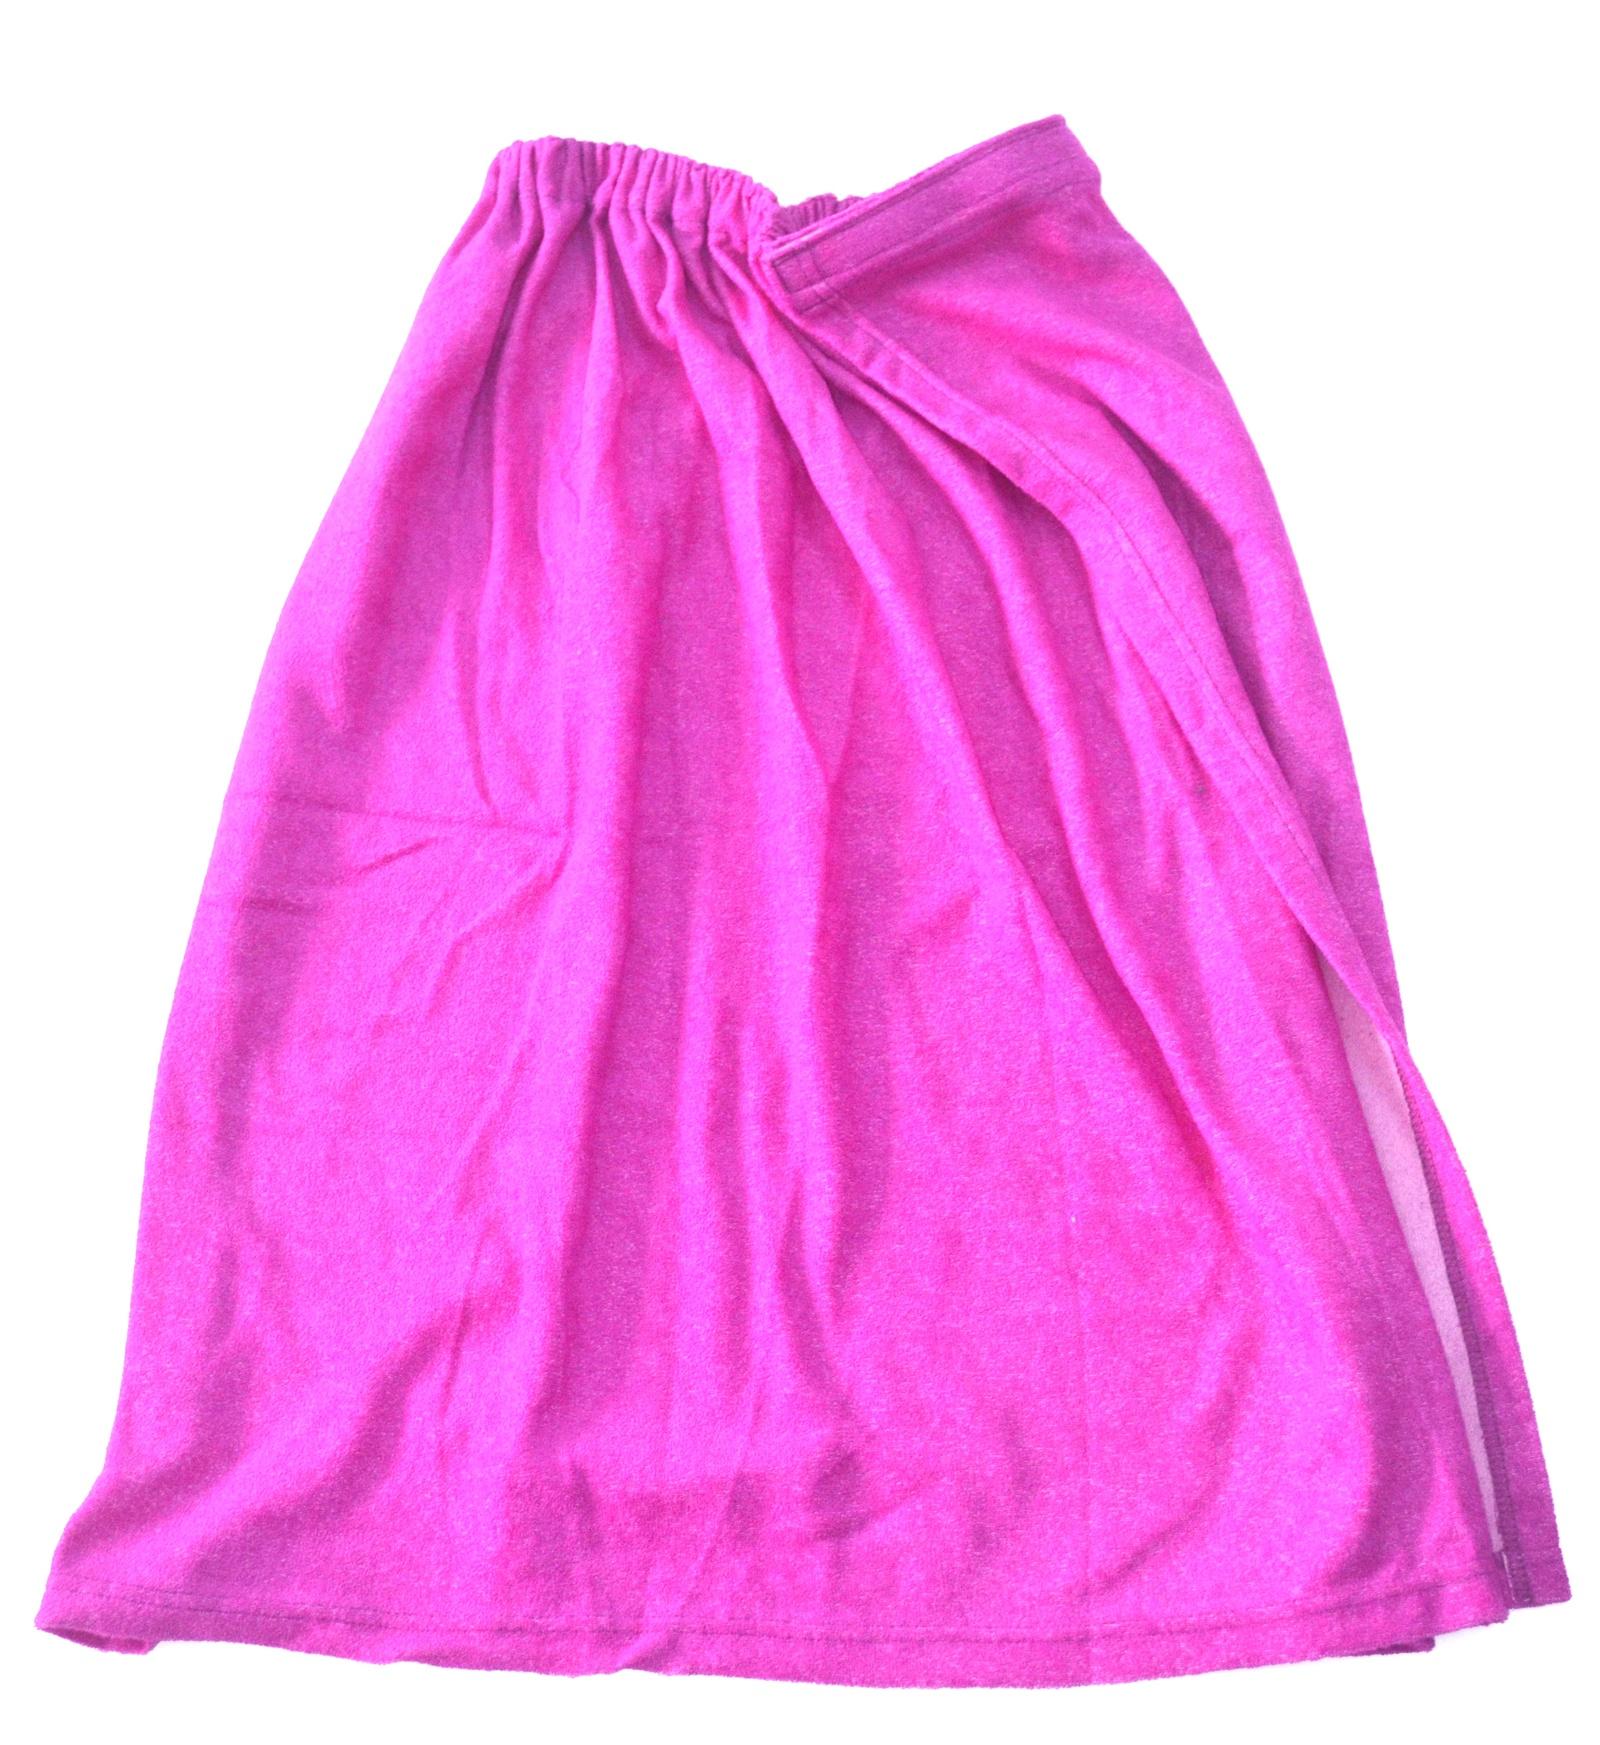 Килт махровый фиолетовый килт для бани tapani тапани